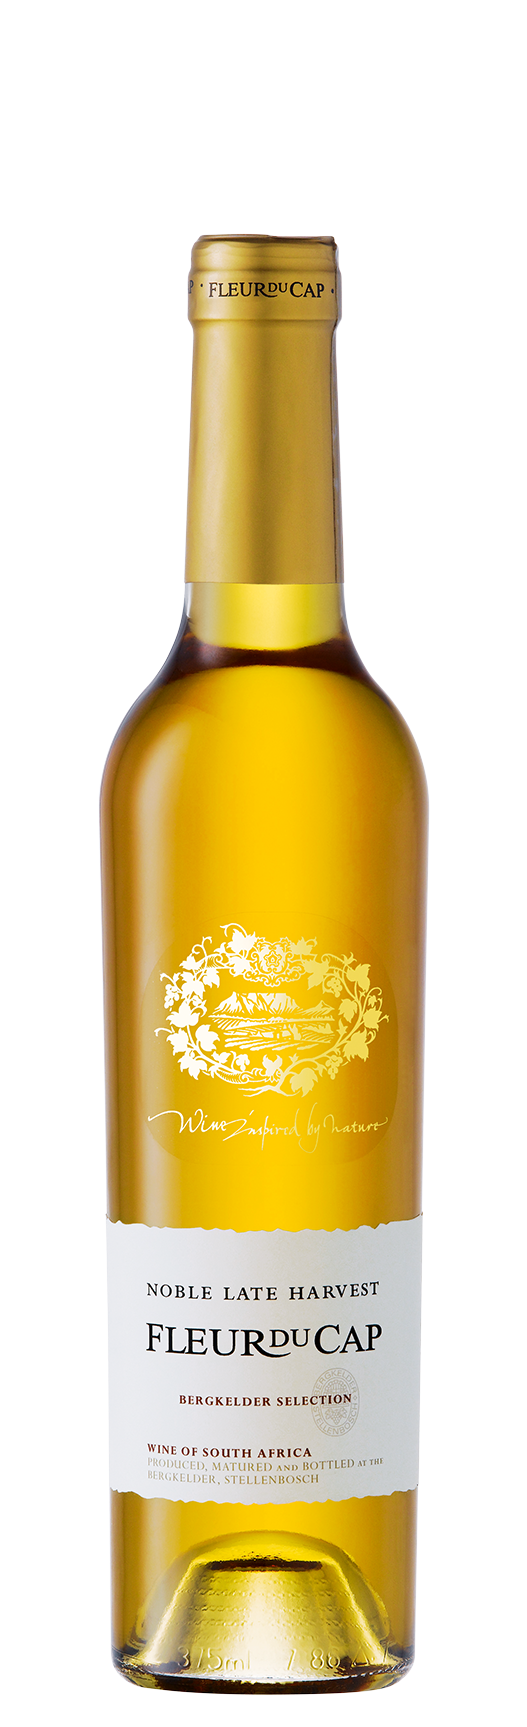 The Essence du Cap range Colheita tardia nobre